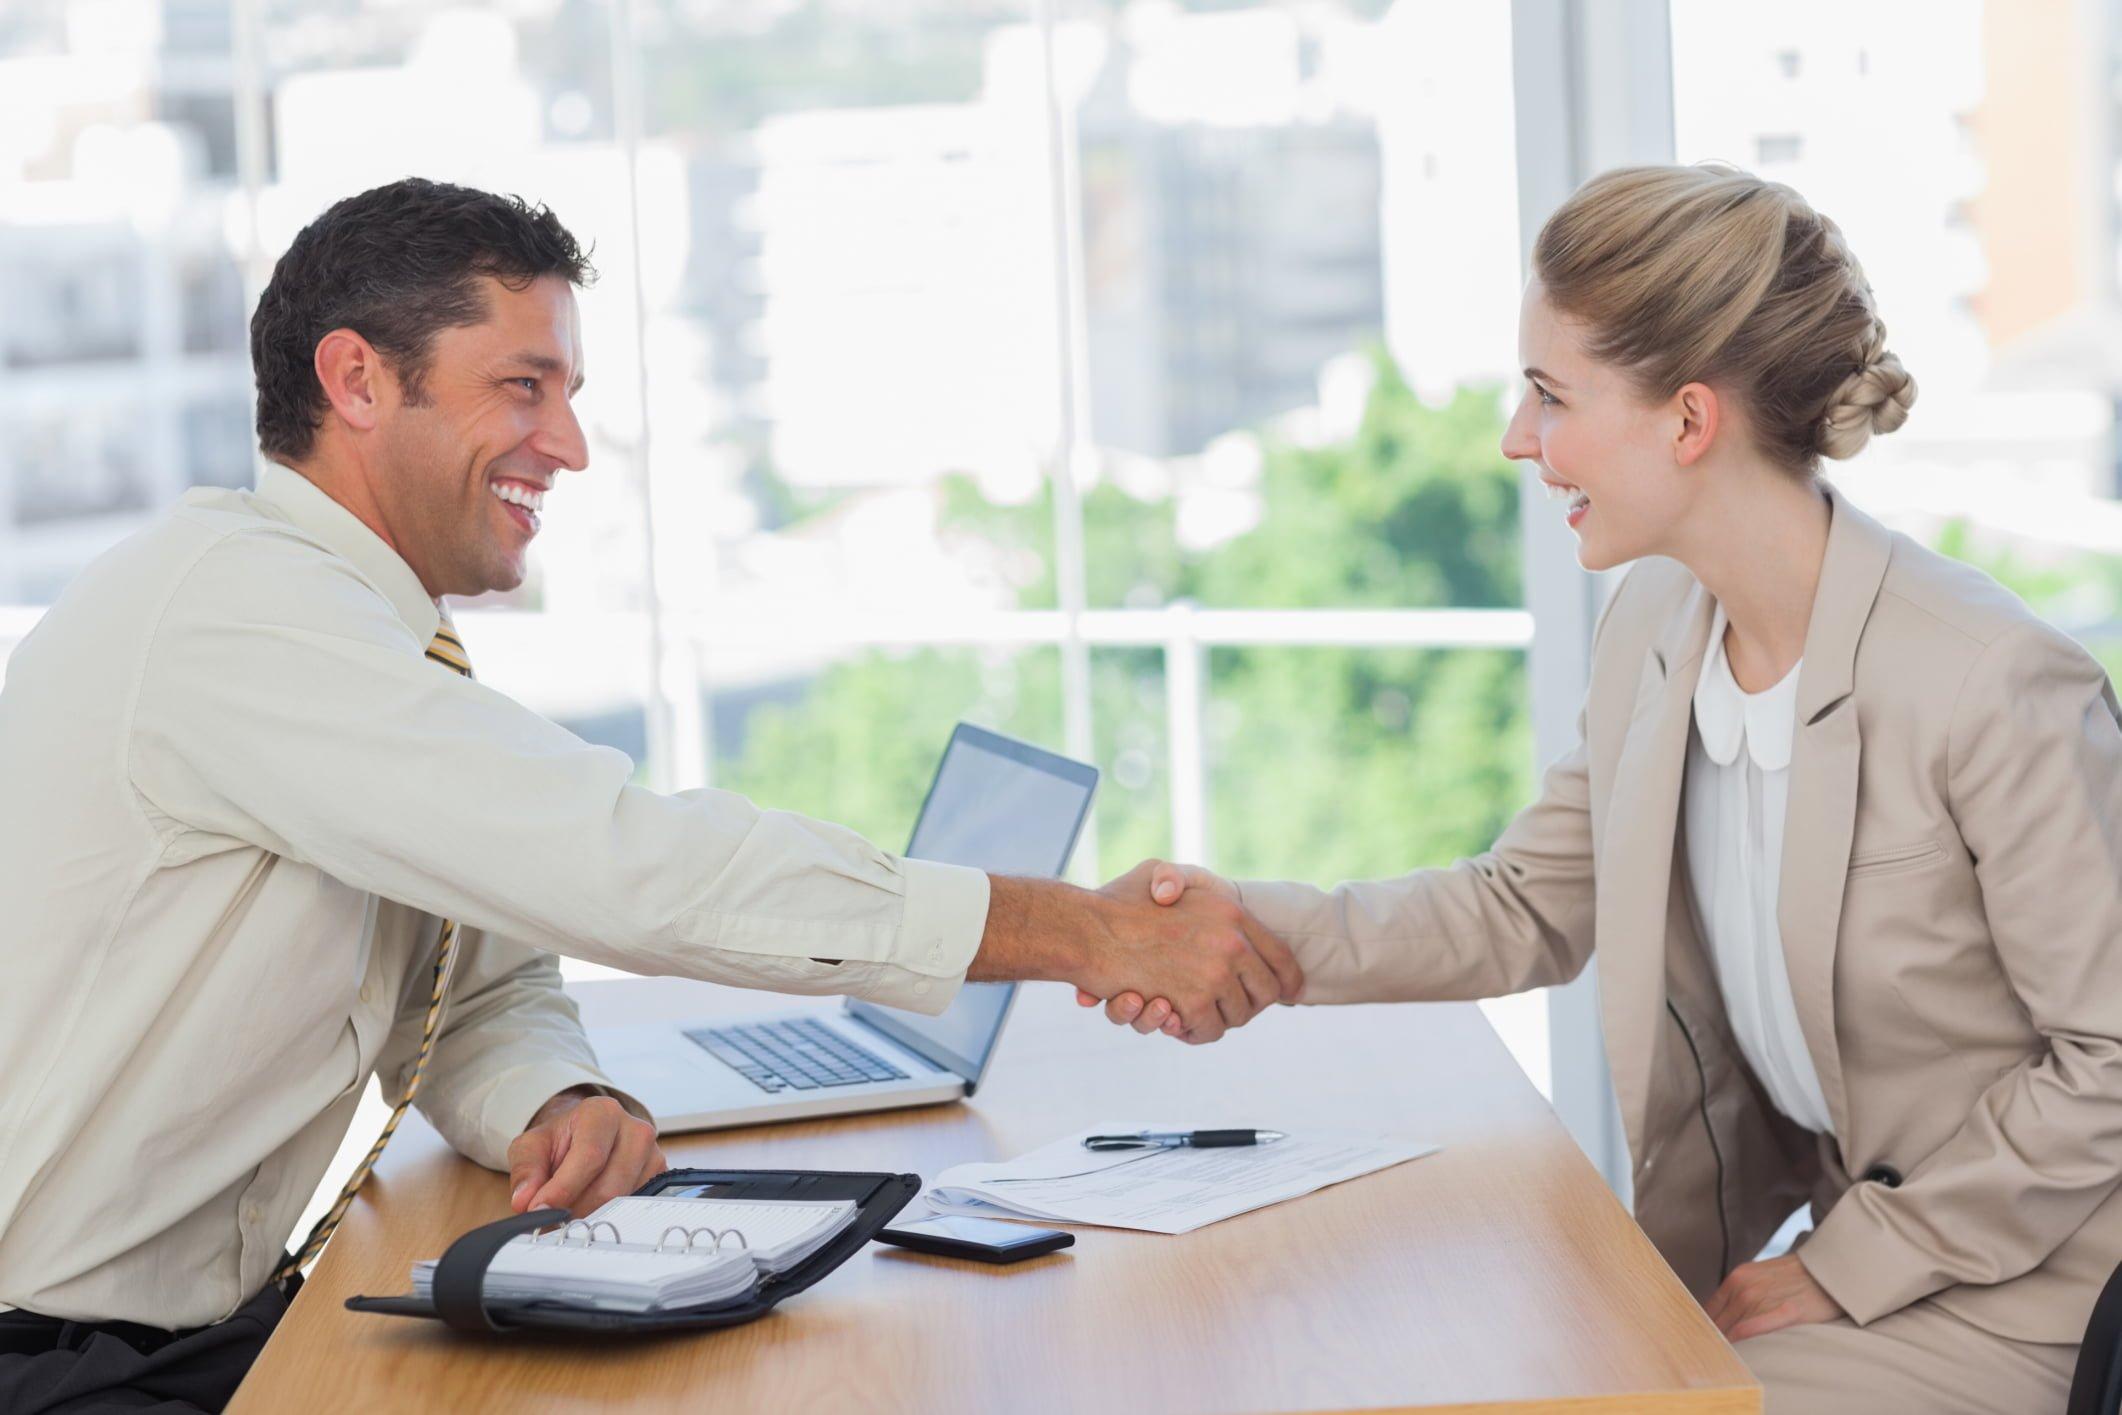 Entrevista de emprego: sempre bom tirarmos dúvidas sobre a empresa em si